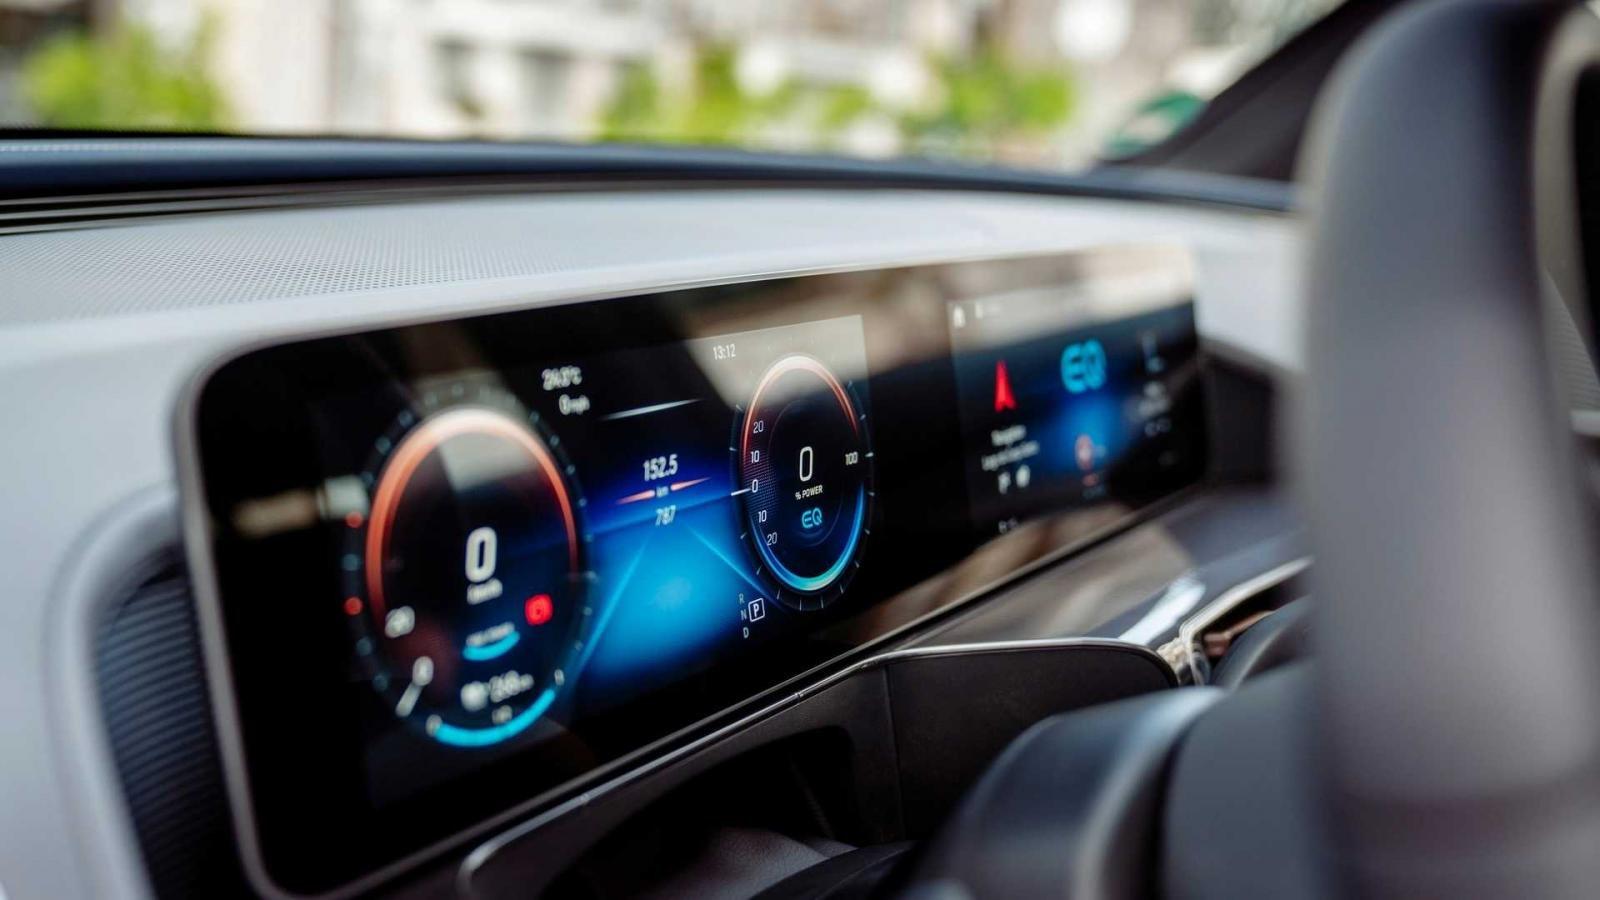 Sự xuất hiện hàng loạt và quá đỗi hiện đại của công nghệ ô tô đôi khi mang lại phiền phức cho người dùng a1